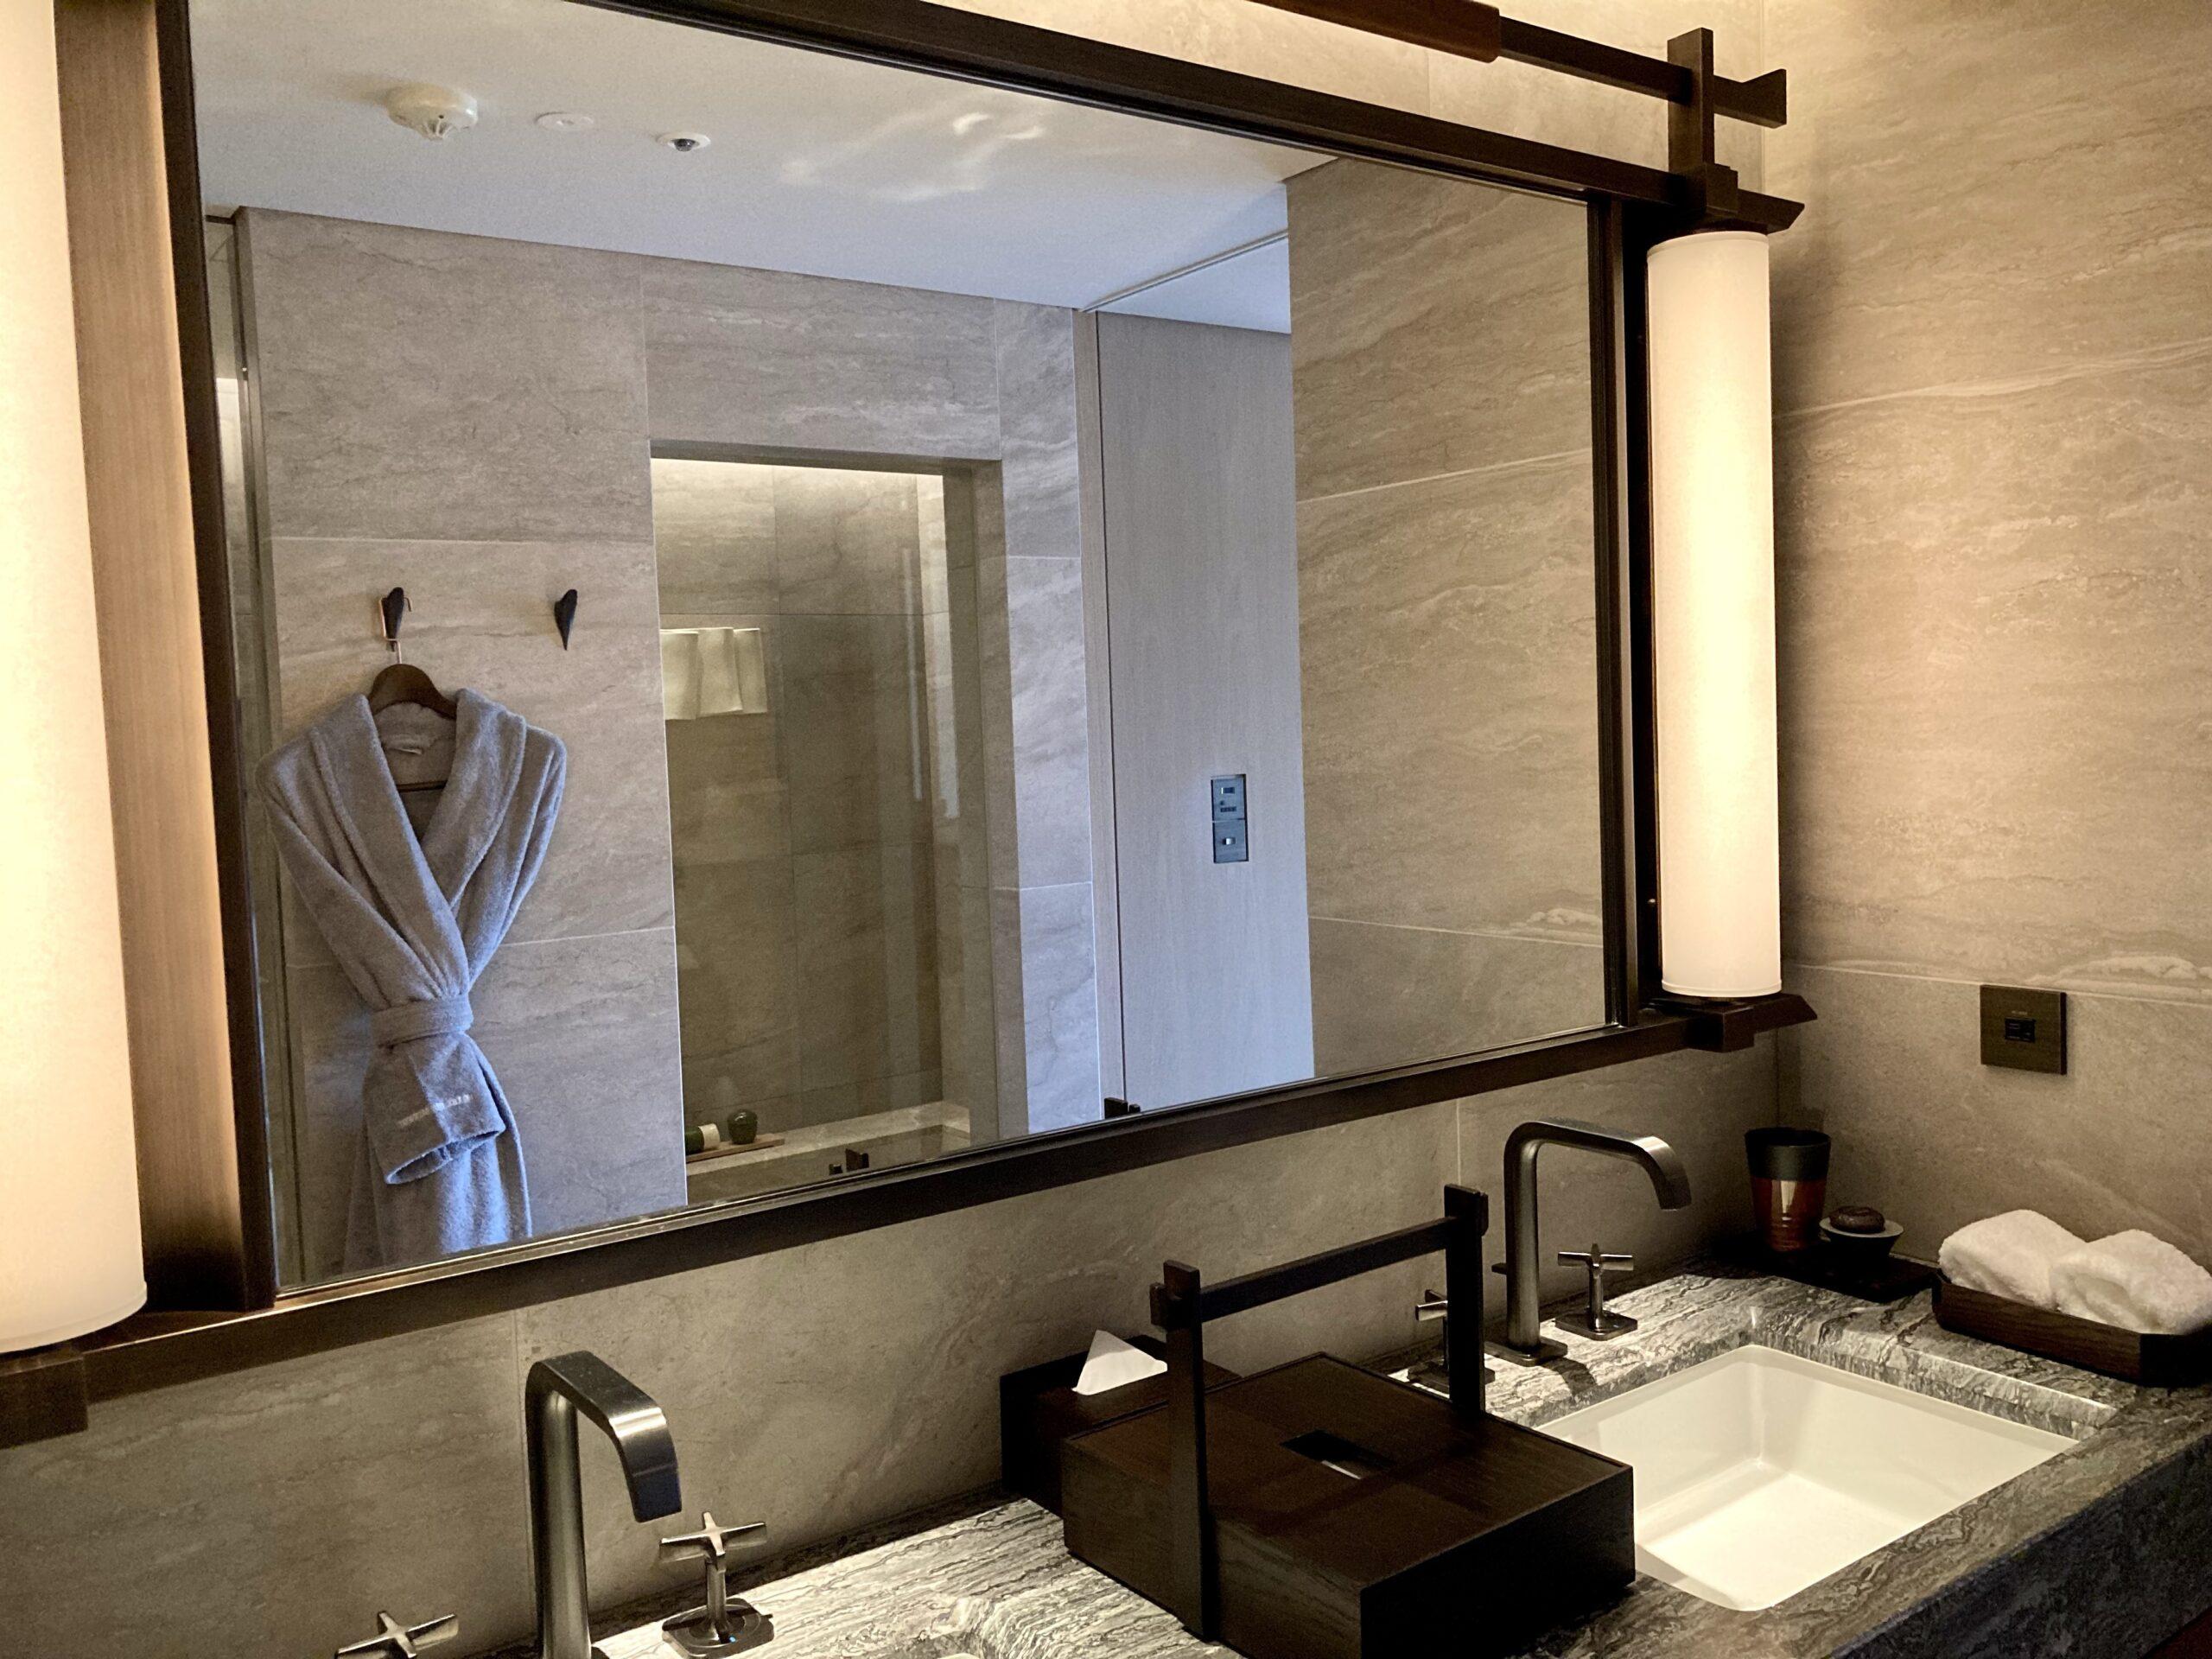 「ホテルザミツイキョウト」洗面スペースの写真